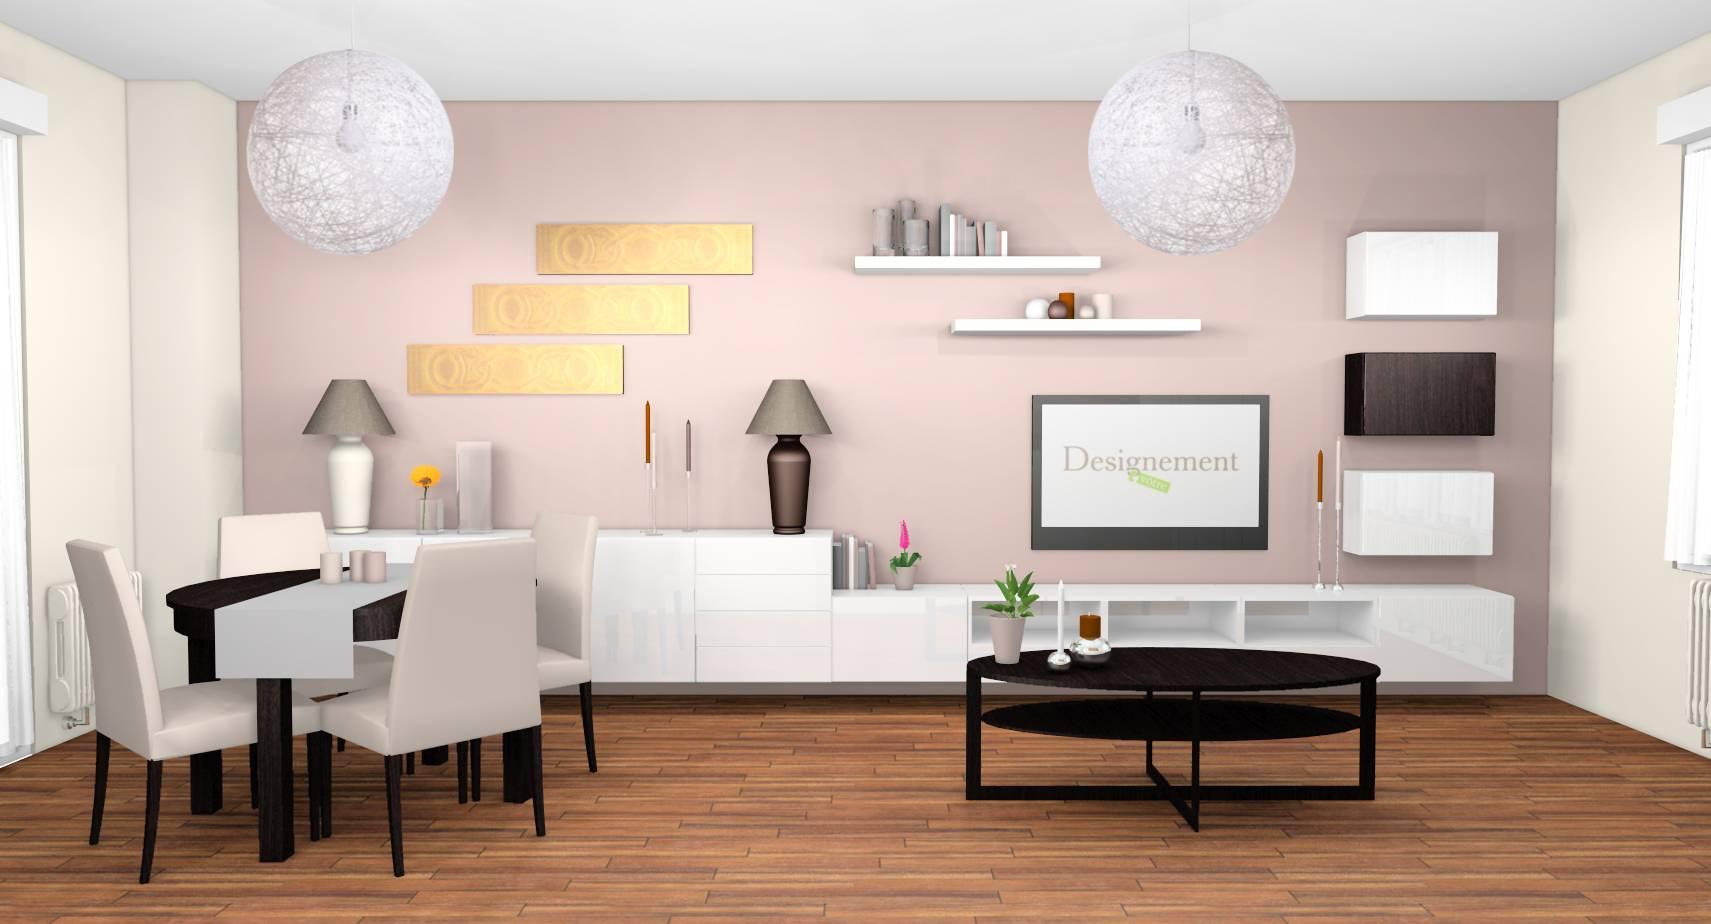 Couloir Couleur Taupe Et Lin blog décoration d'intérieur - designement vôtre